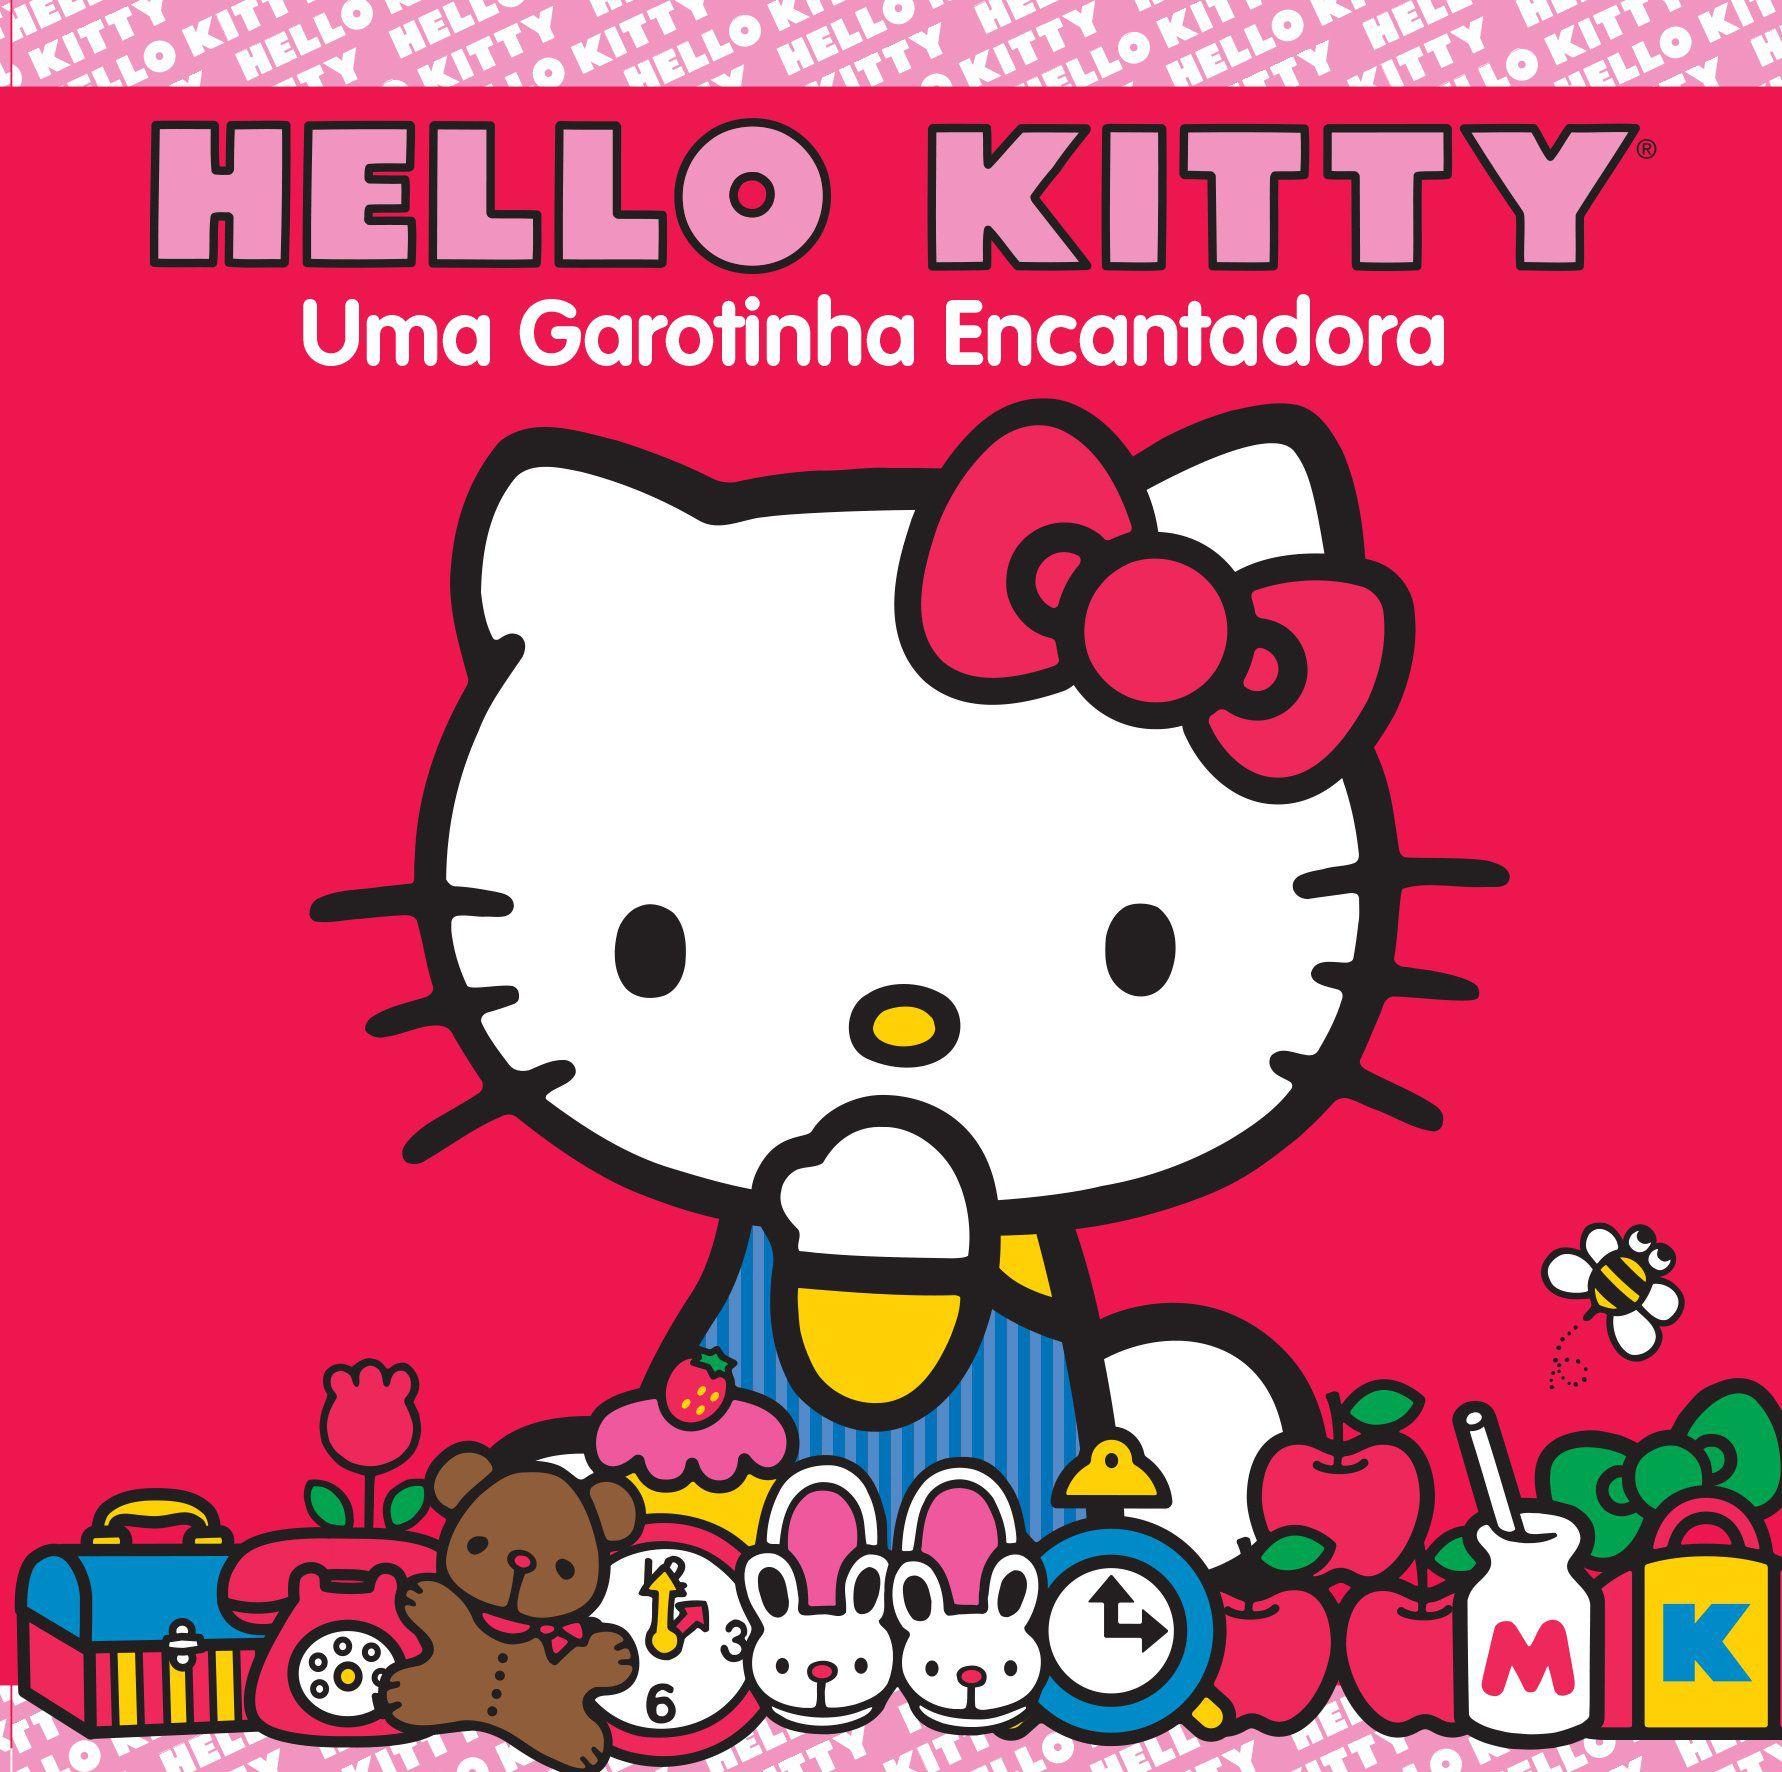 Hello Kitty: Uma Garotinha Encantada - Livro de Banho